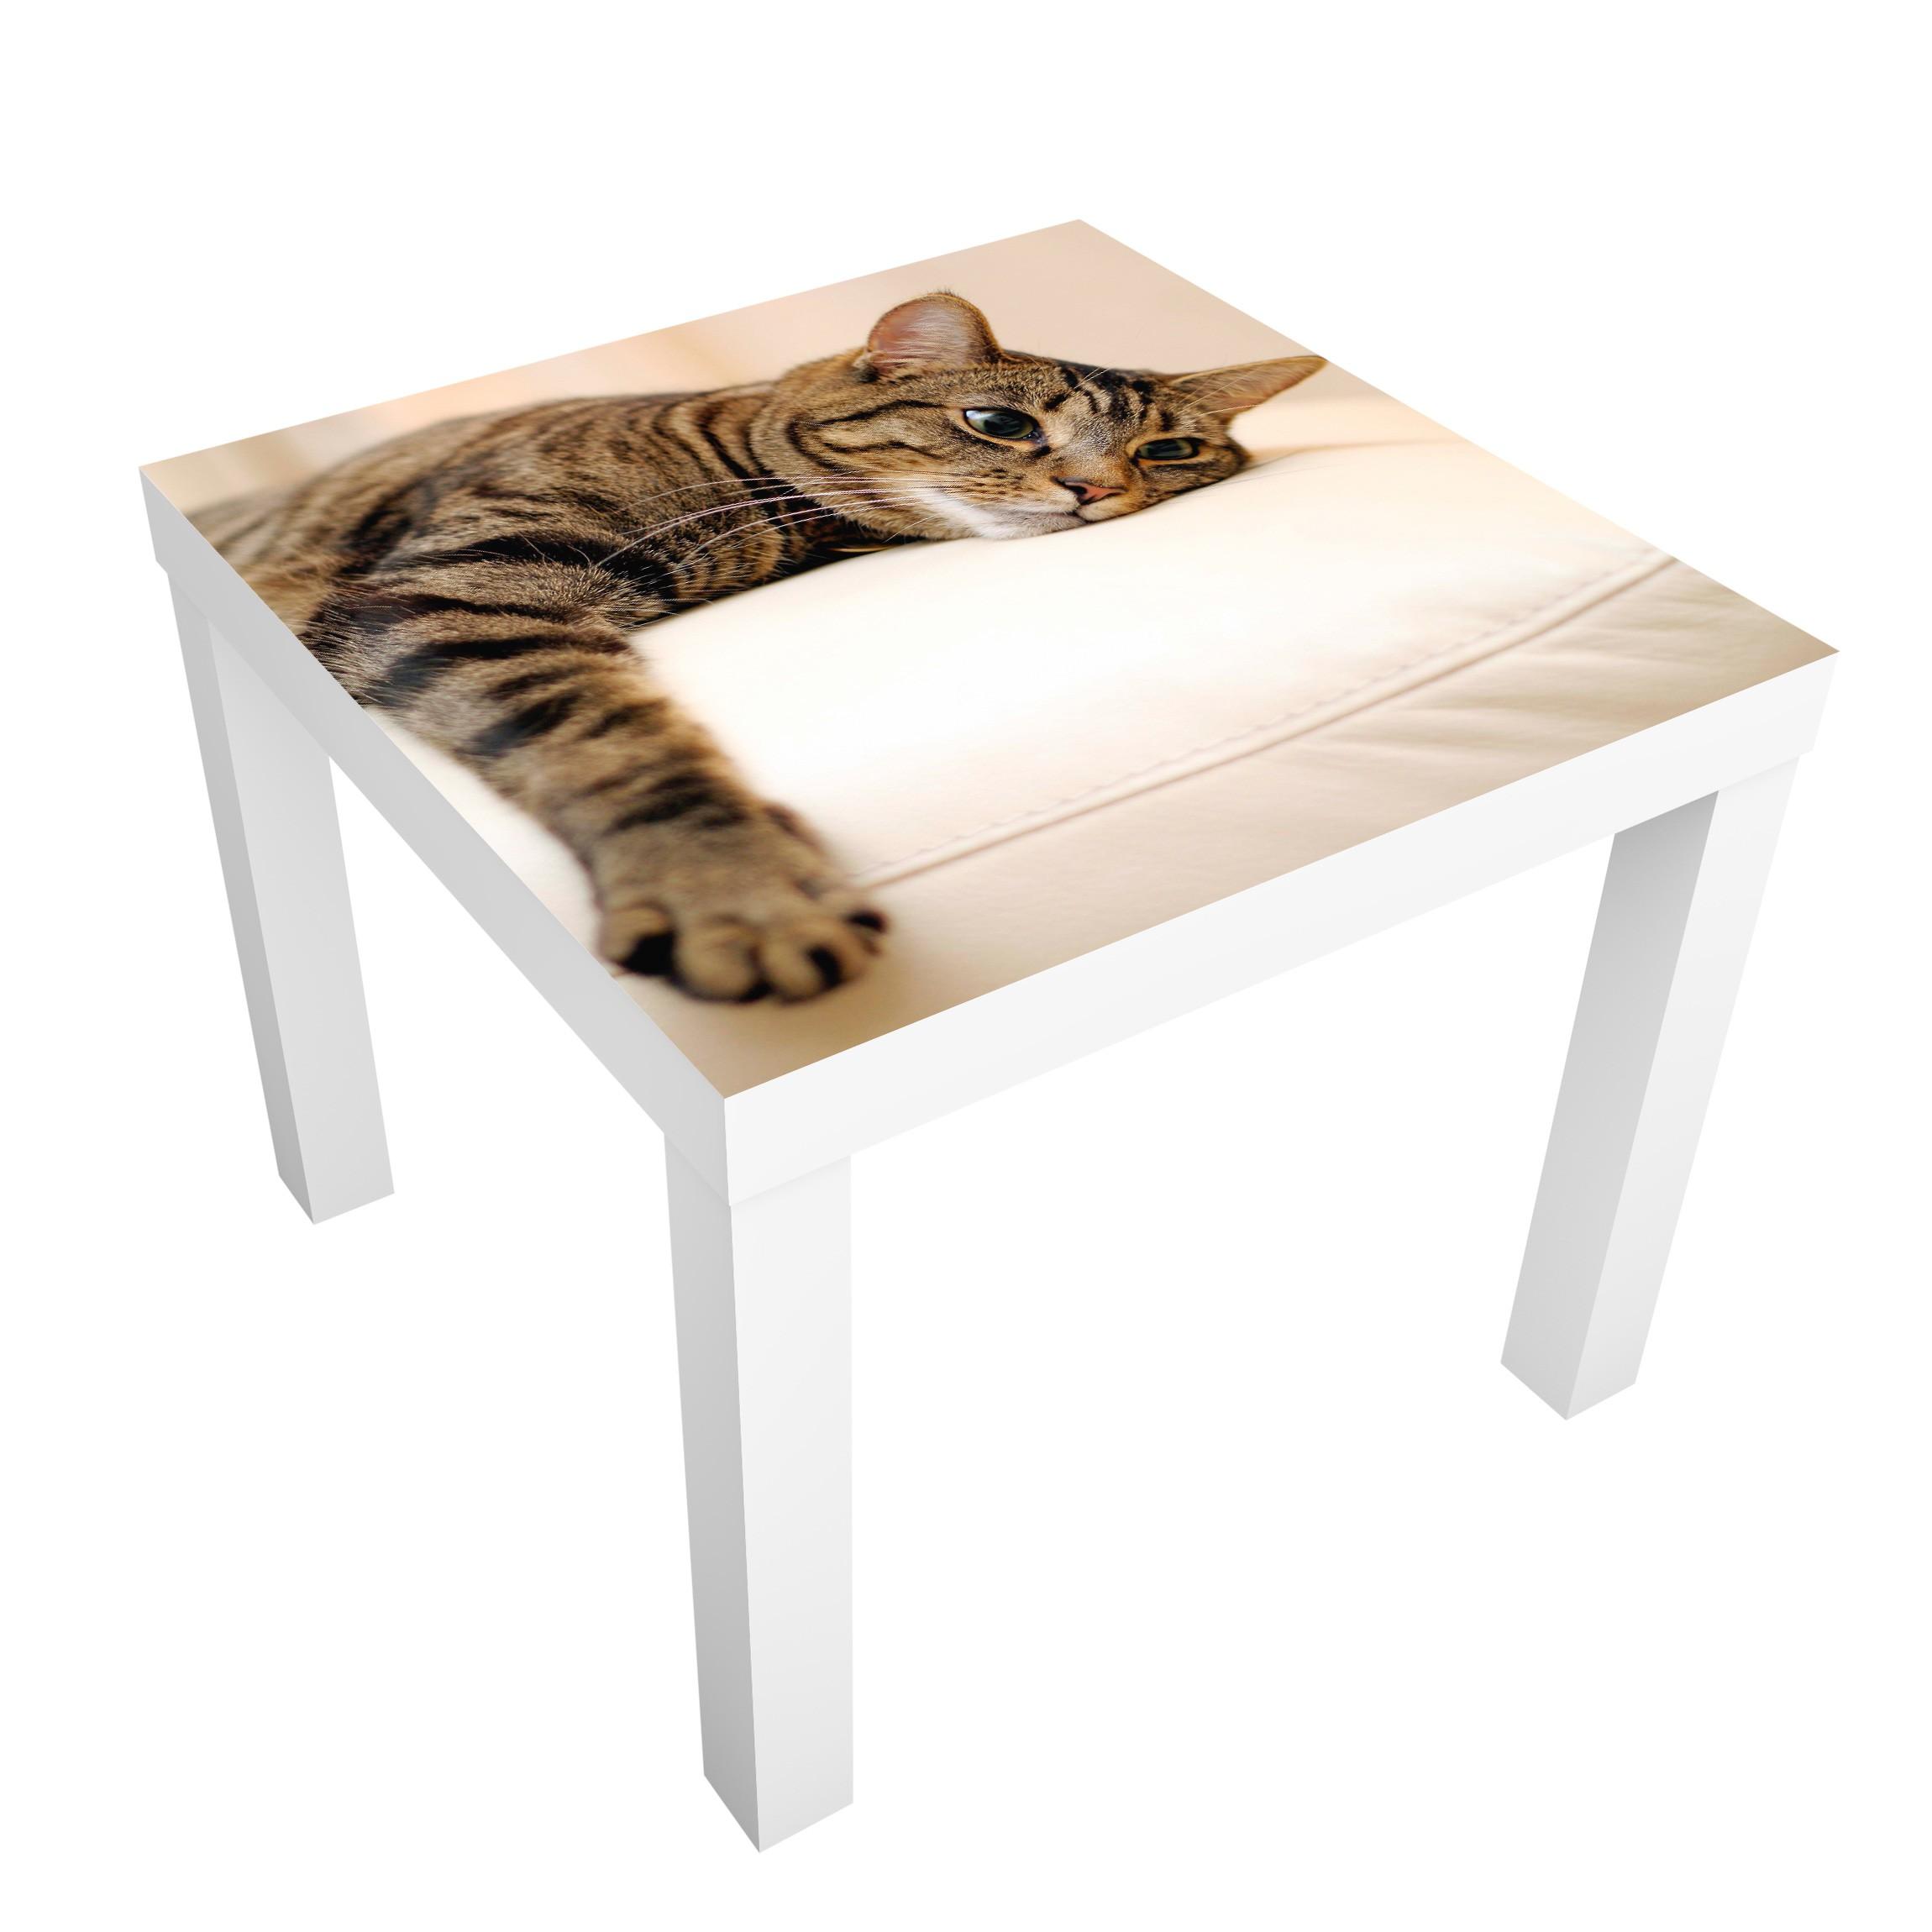 Carta adesiva per mobili ikea lack tavolino cat chill out - Carta adesiva colorata per mobili ...